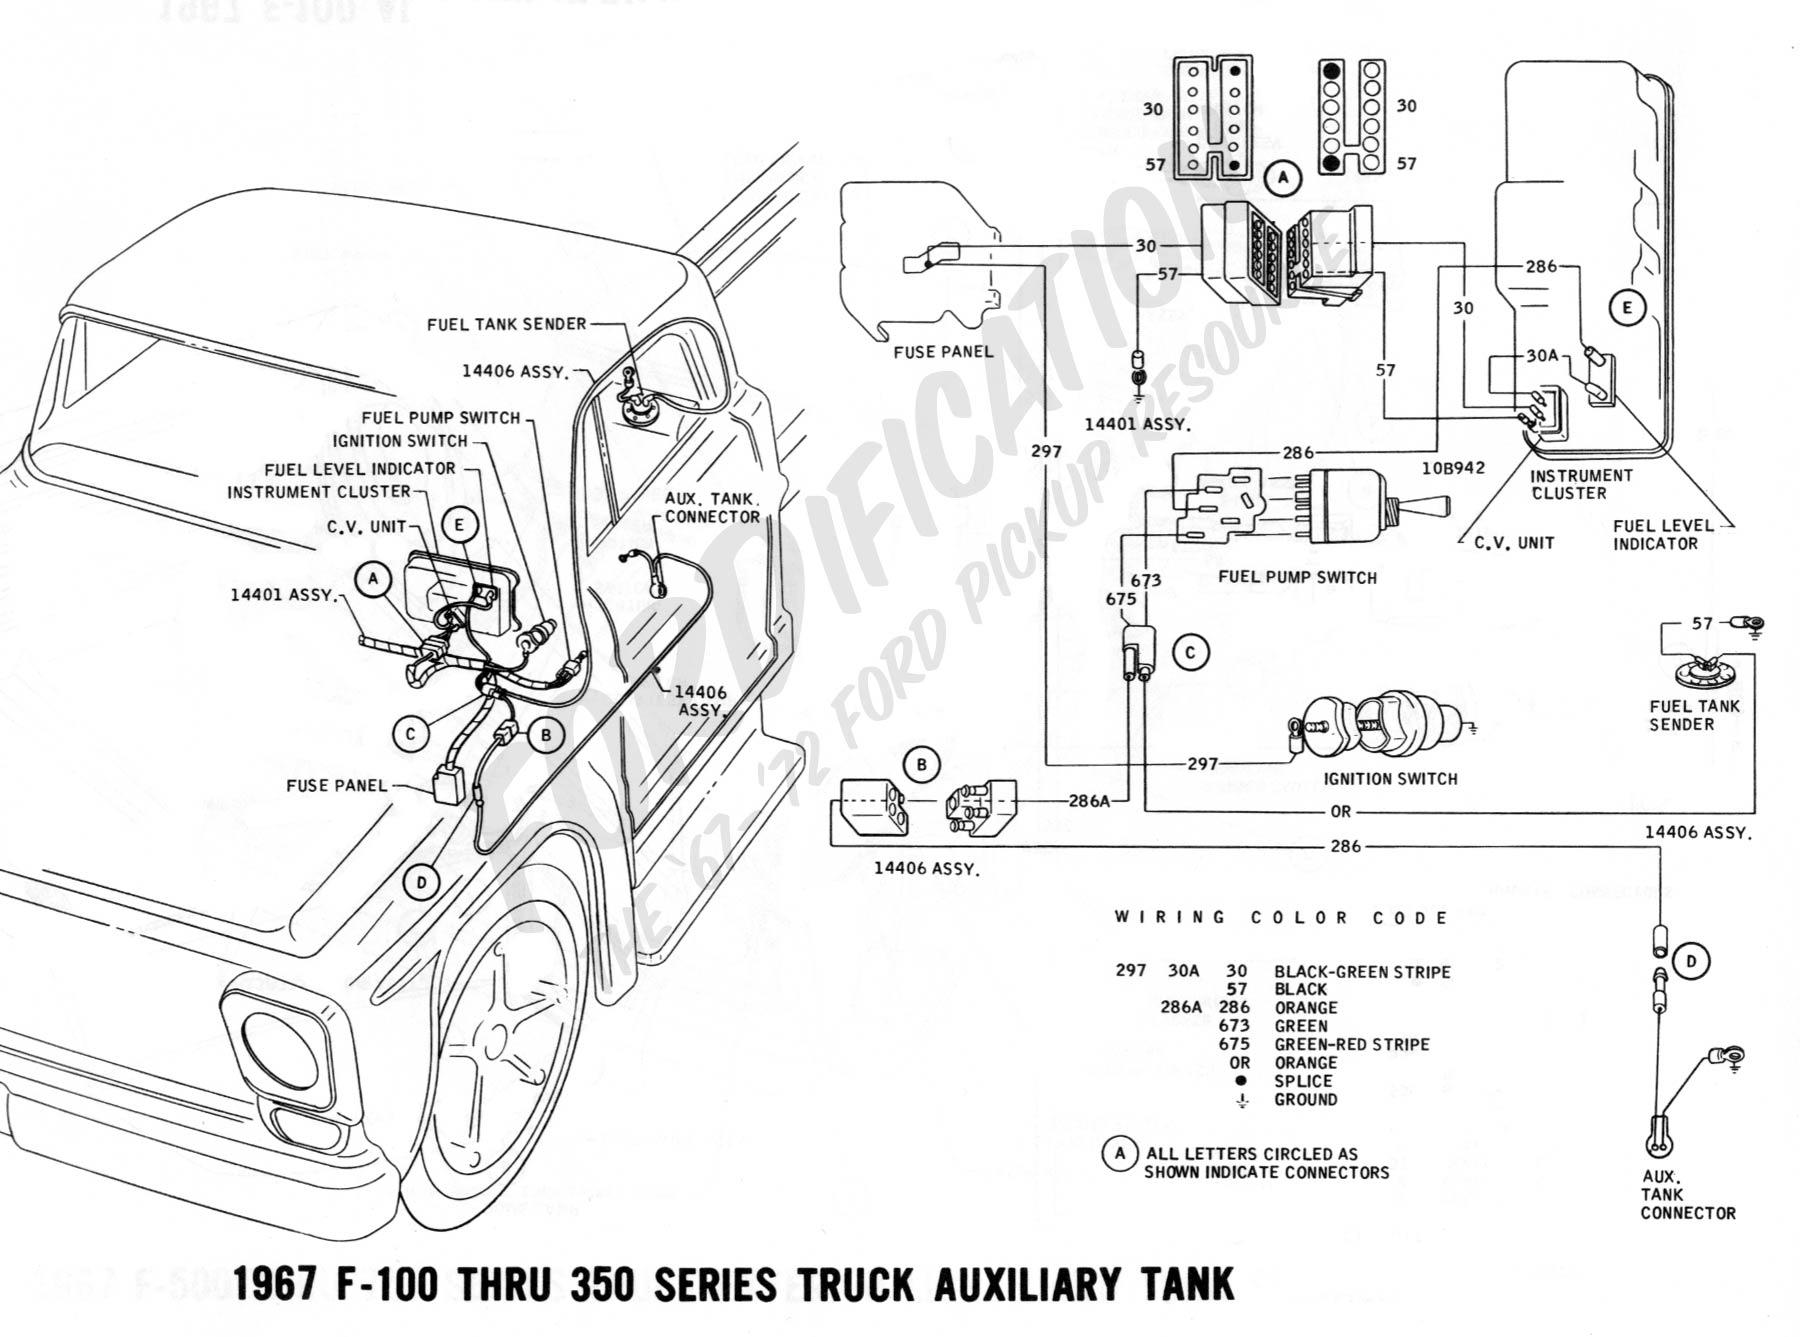 [SCHEMATICS_4LK]  1969 Ford Bronco Engine Diagram -1984 Jeep Wiring Diagram | Begeboy Wiring  Diagram Source | 1969 Ford Bronco Engine Diagram |  | Begeboy Wiring Diagram Source